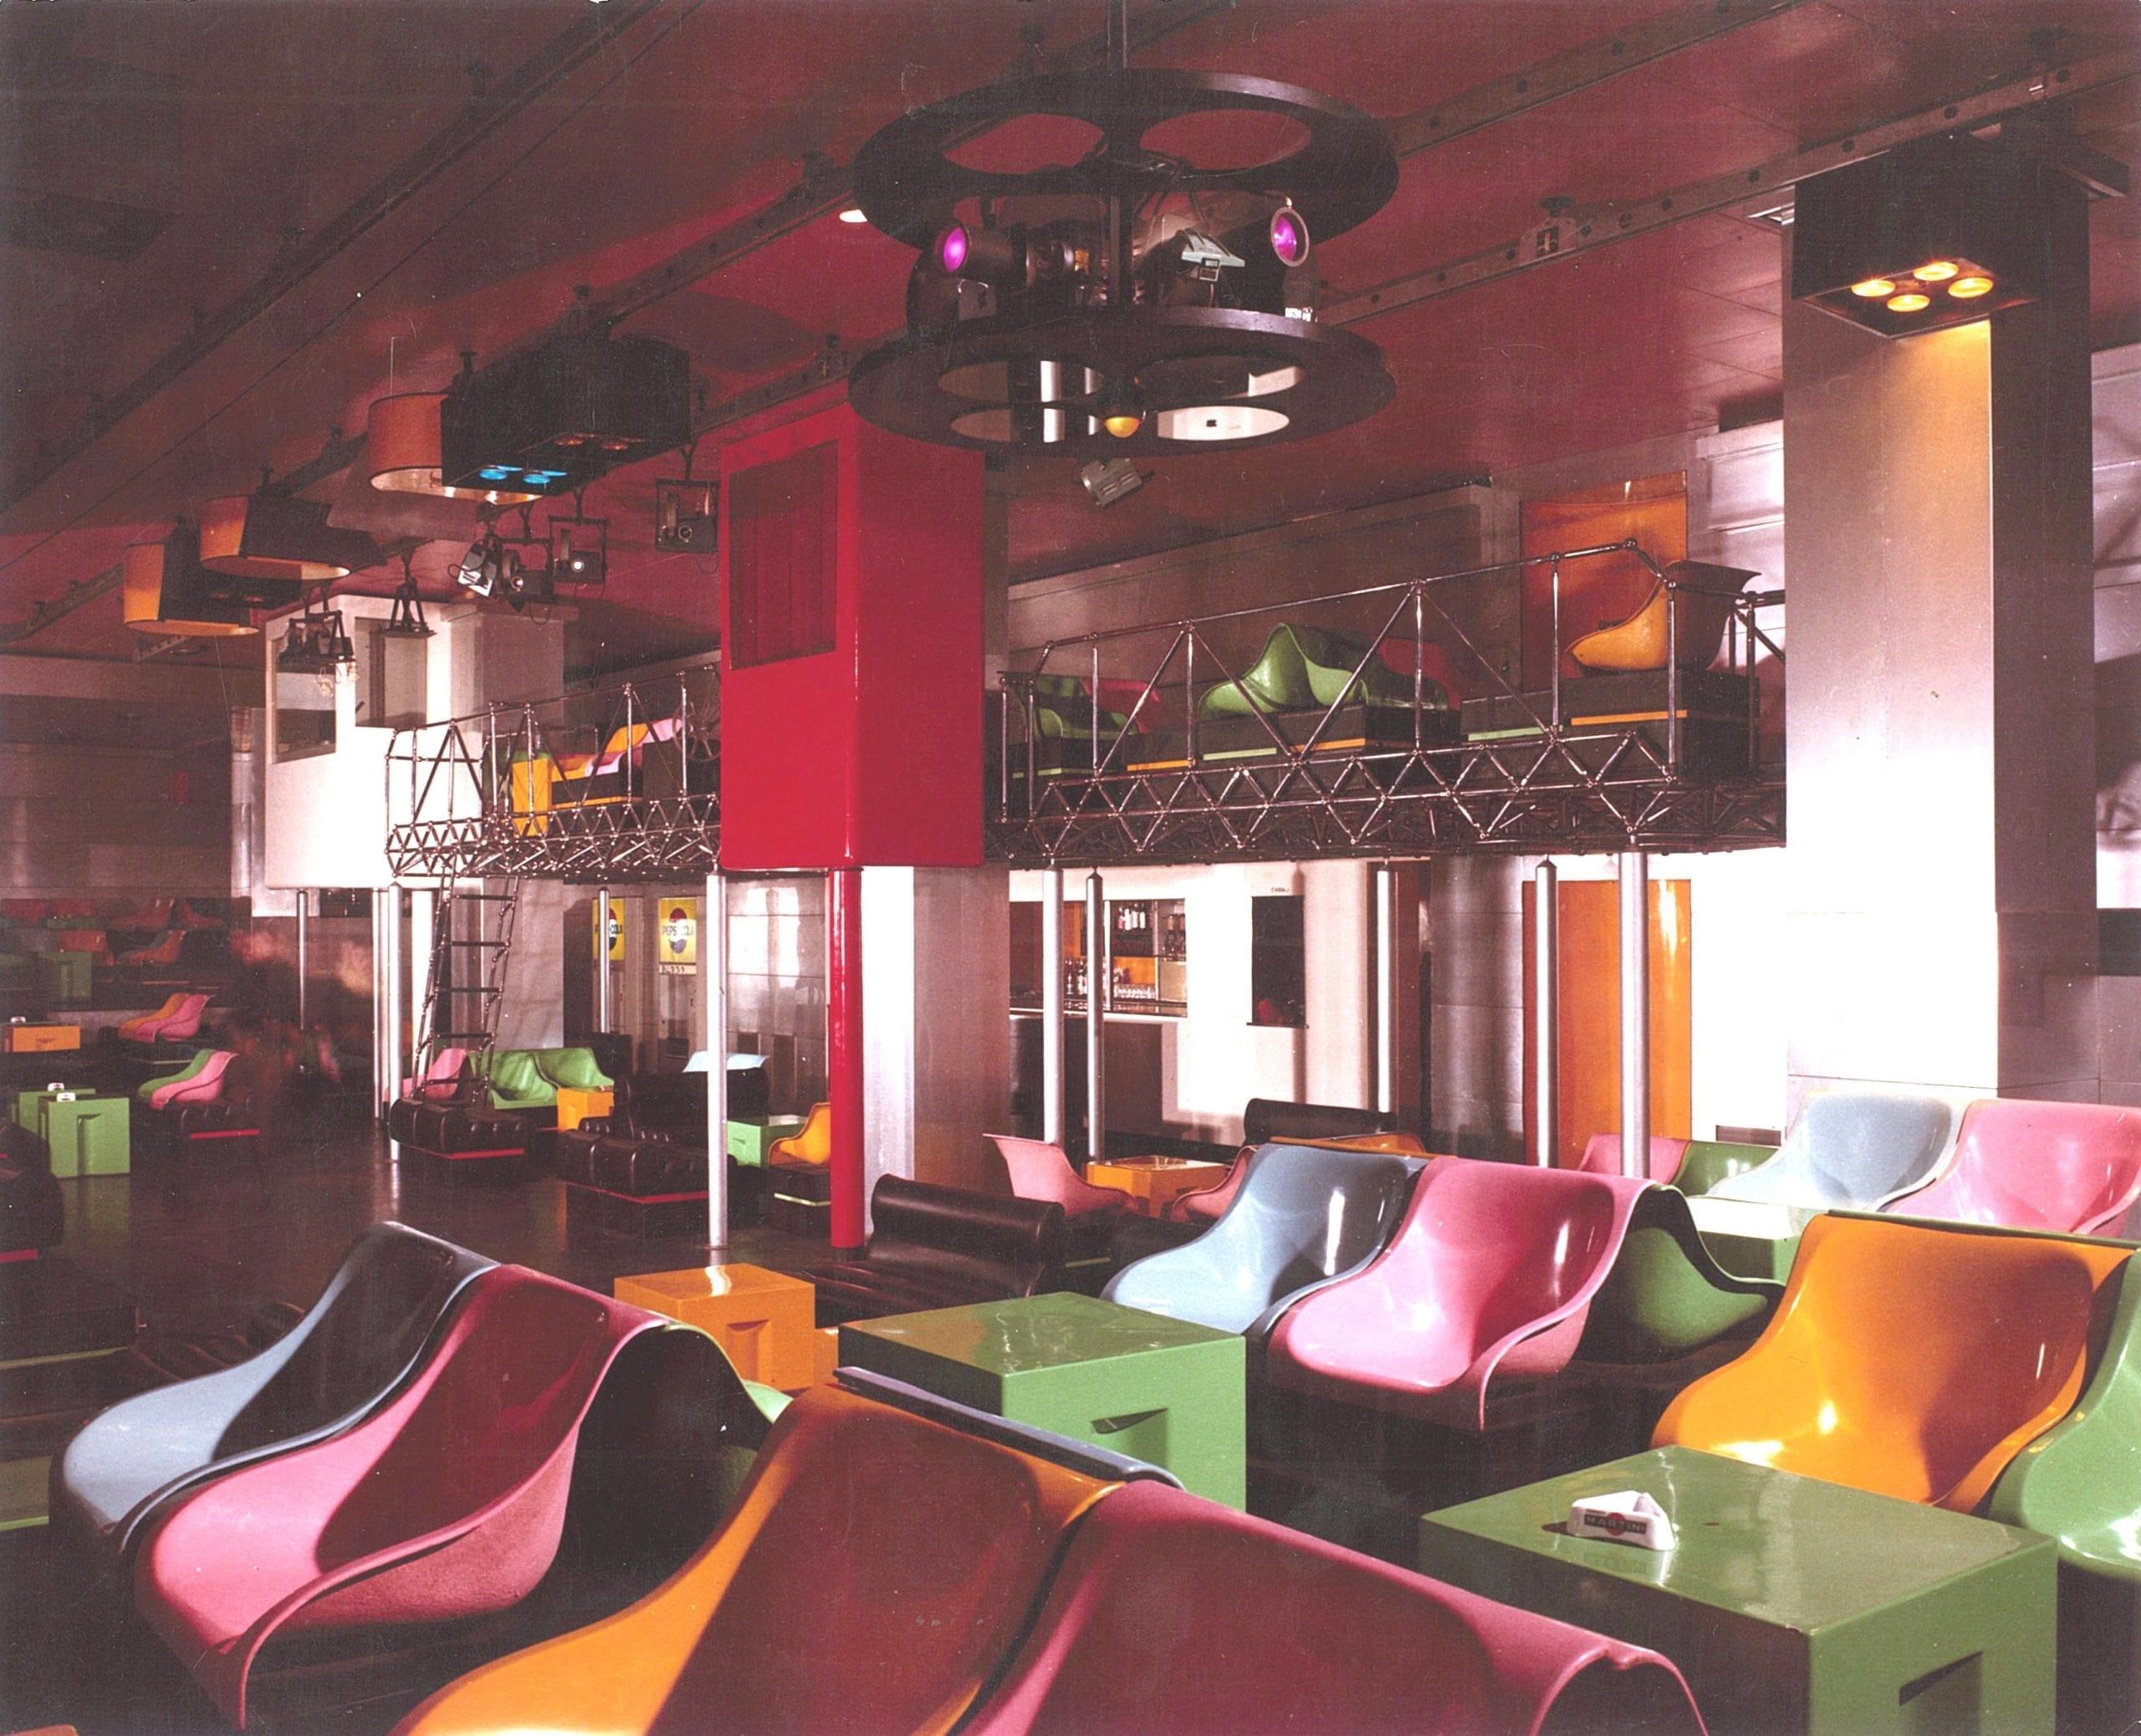 Interior of Piper, Turin designed by Pietro Derossi, Giorgio Ceretti and Riccardo Rosso, 1966. © Pietro Derossi